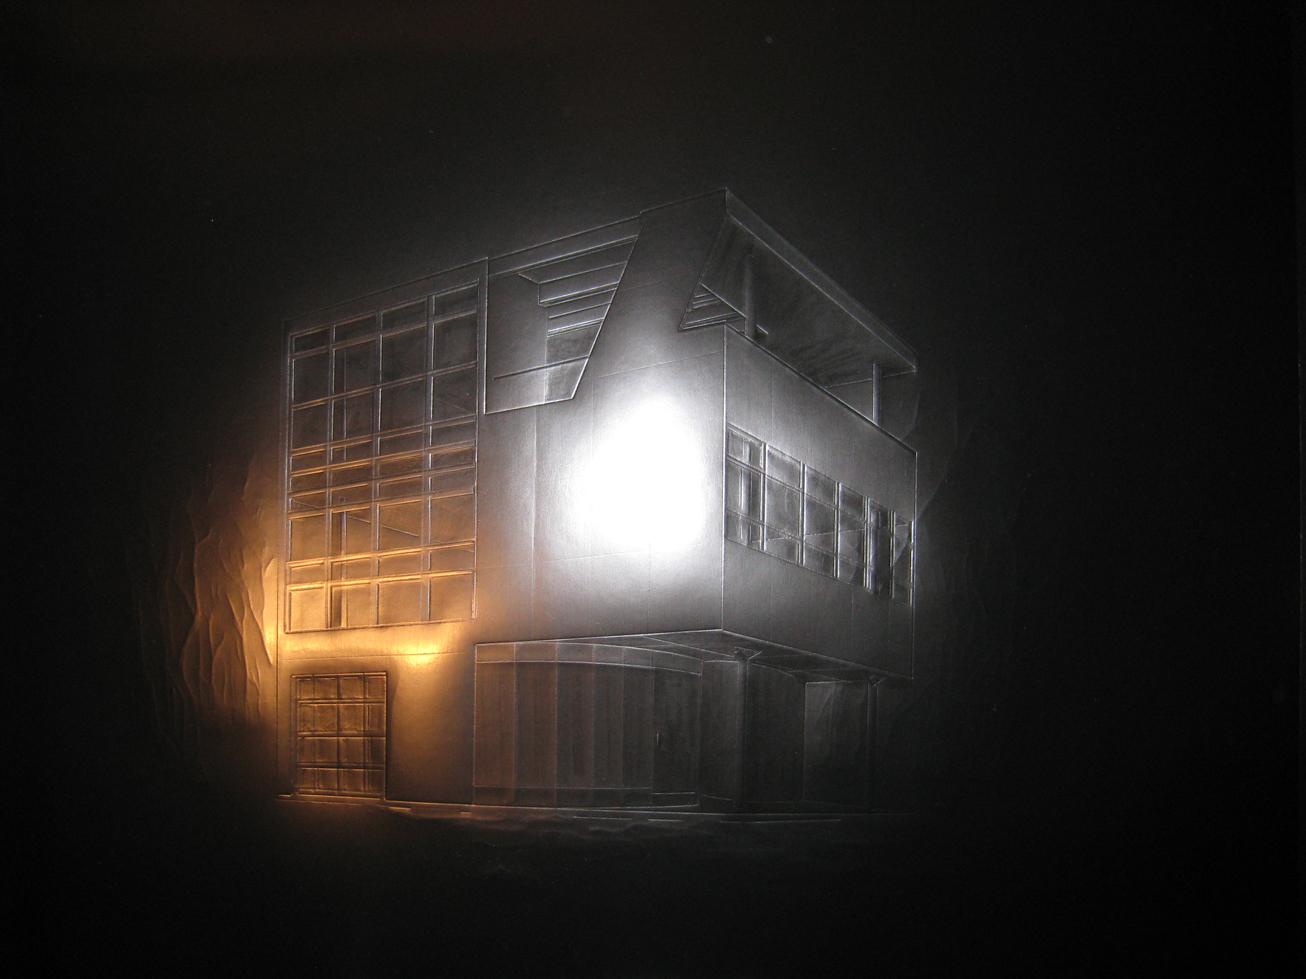 Jonathan Plante, Maison Aluminaire, série architexture, 2010, carton noir embossé, embossed black board, 23.5